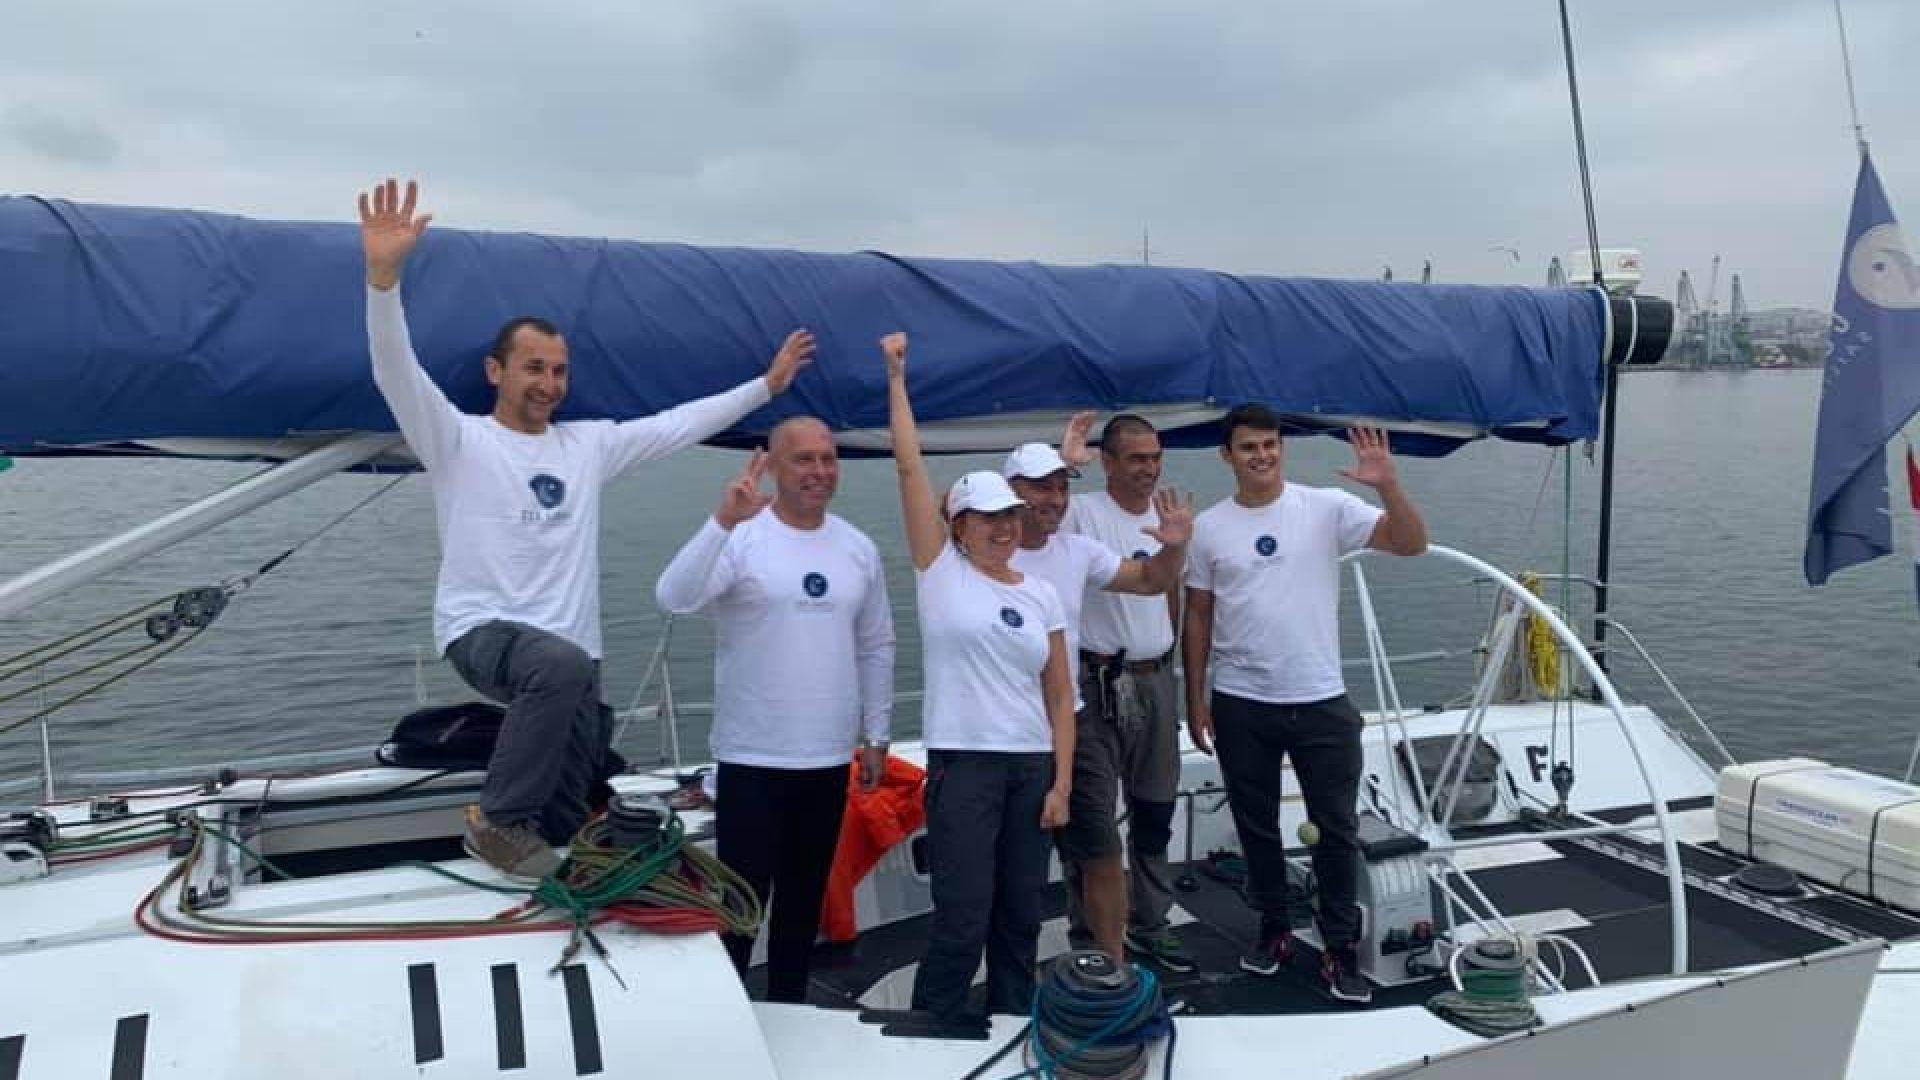 Българи поставиха рекорд за скоростно прекосяване на Черно море с яхта